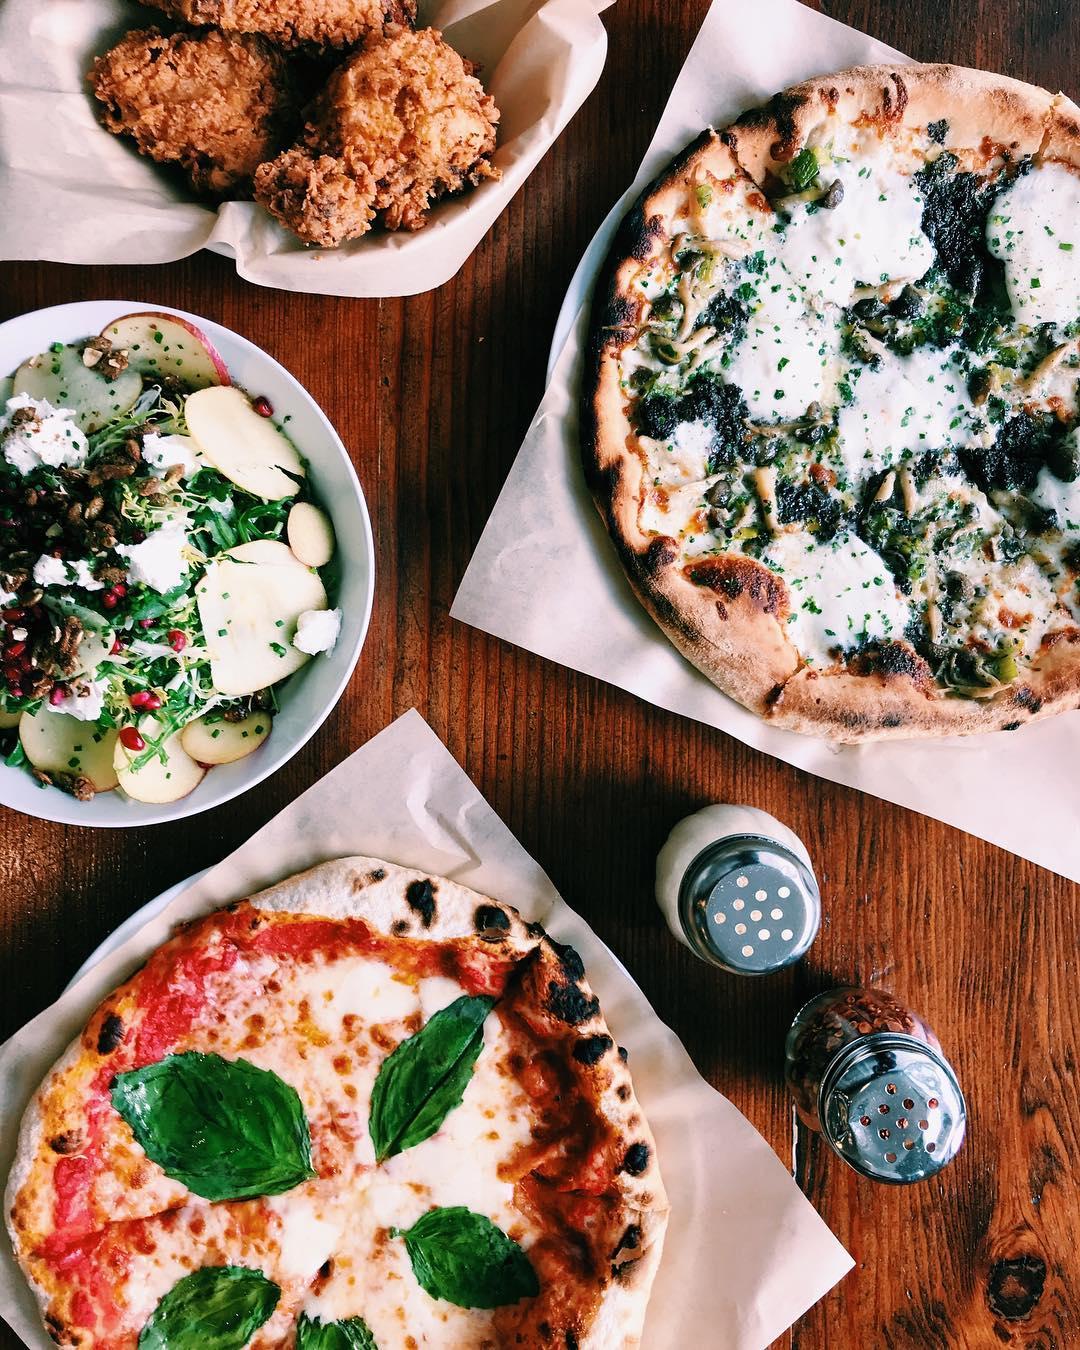 summer kitchen bake shop visual menureviews by food bloggersinstagrammers - Summer Kitchen Menu